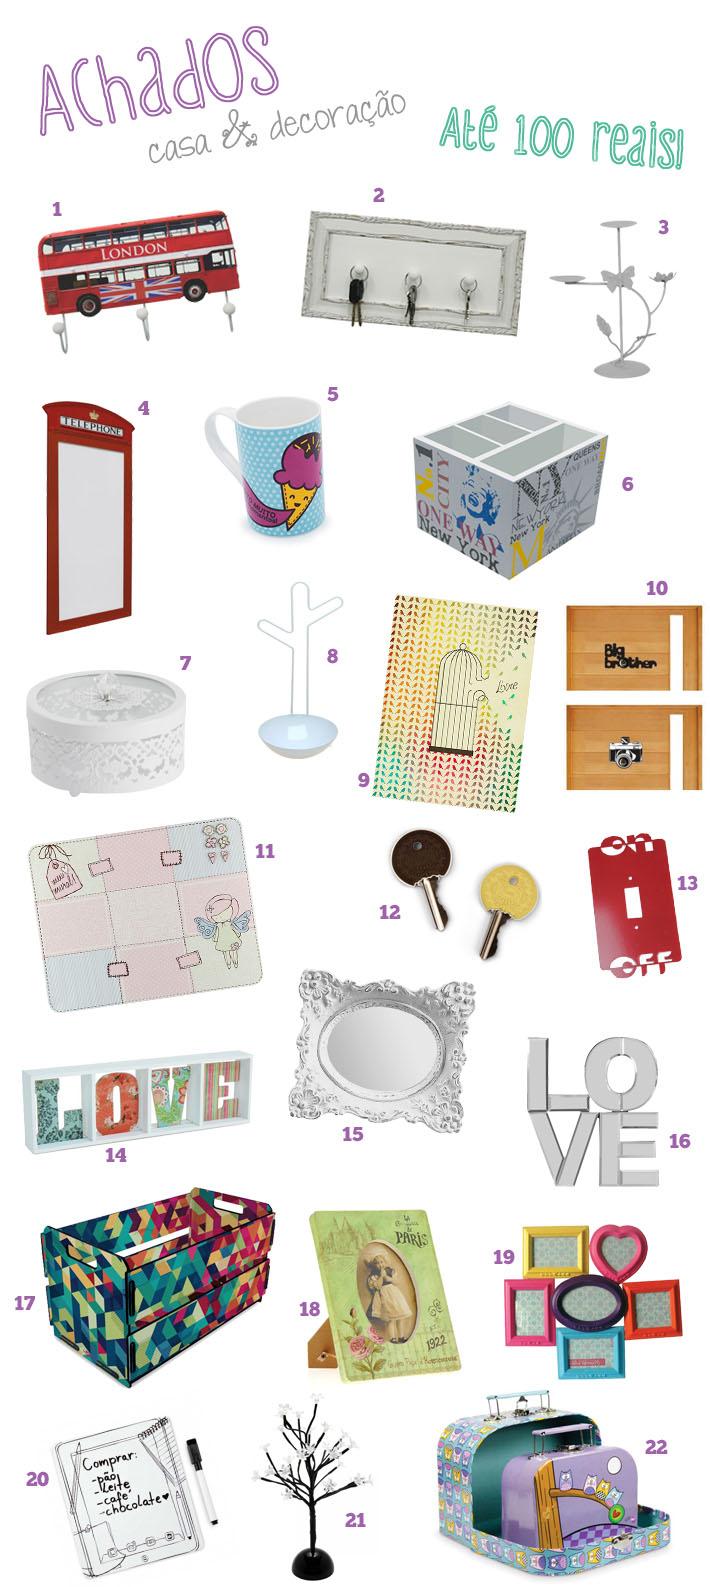 Achados objetos de decora o at 100 reais comprando for Objetos decorativos casa